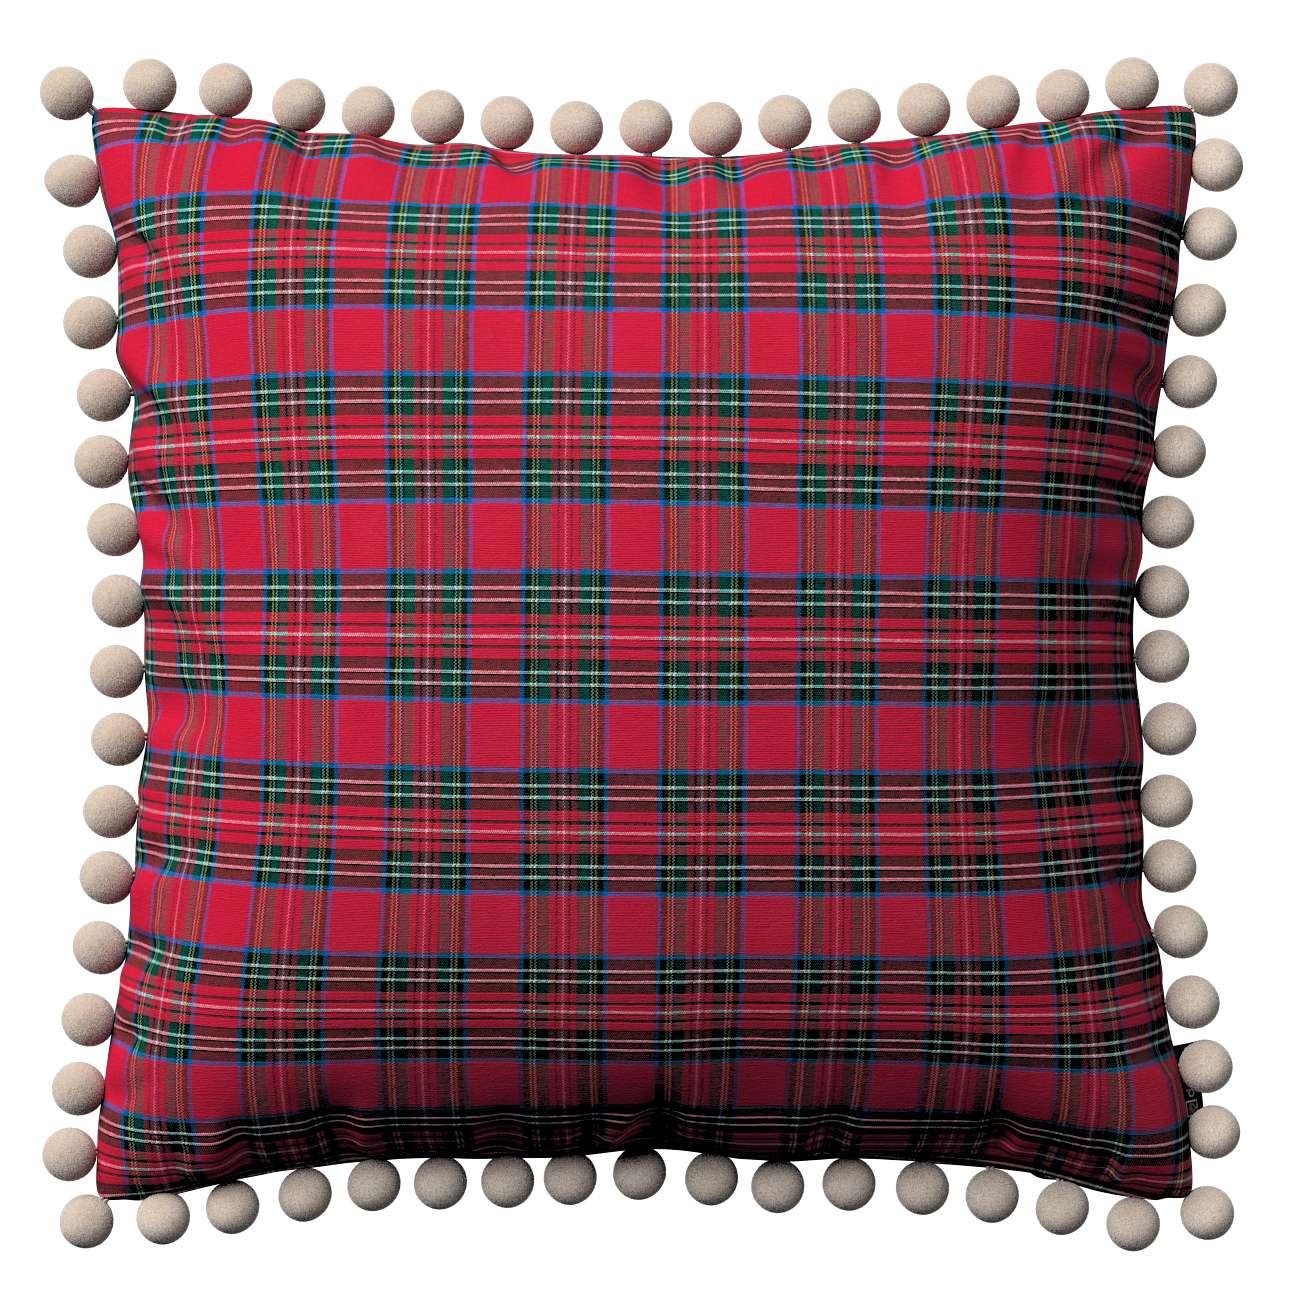 Wera dekoratyvinės pagalvėlės su žaismingais kraštais 45 x 45 cm kolekcijoje Bristol, audinys: 126-29